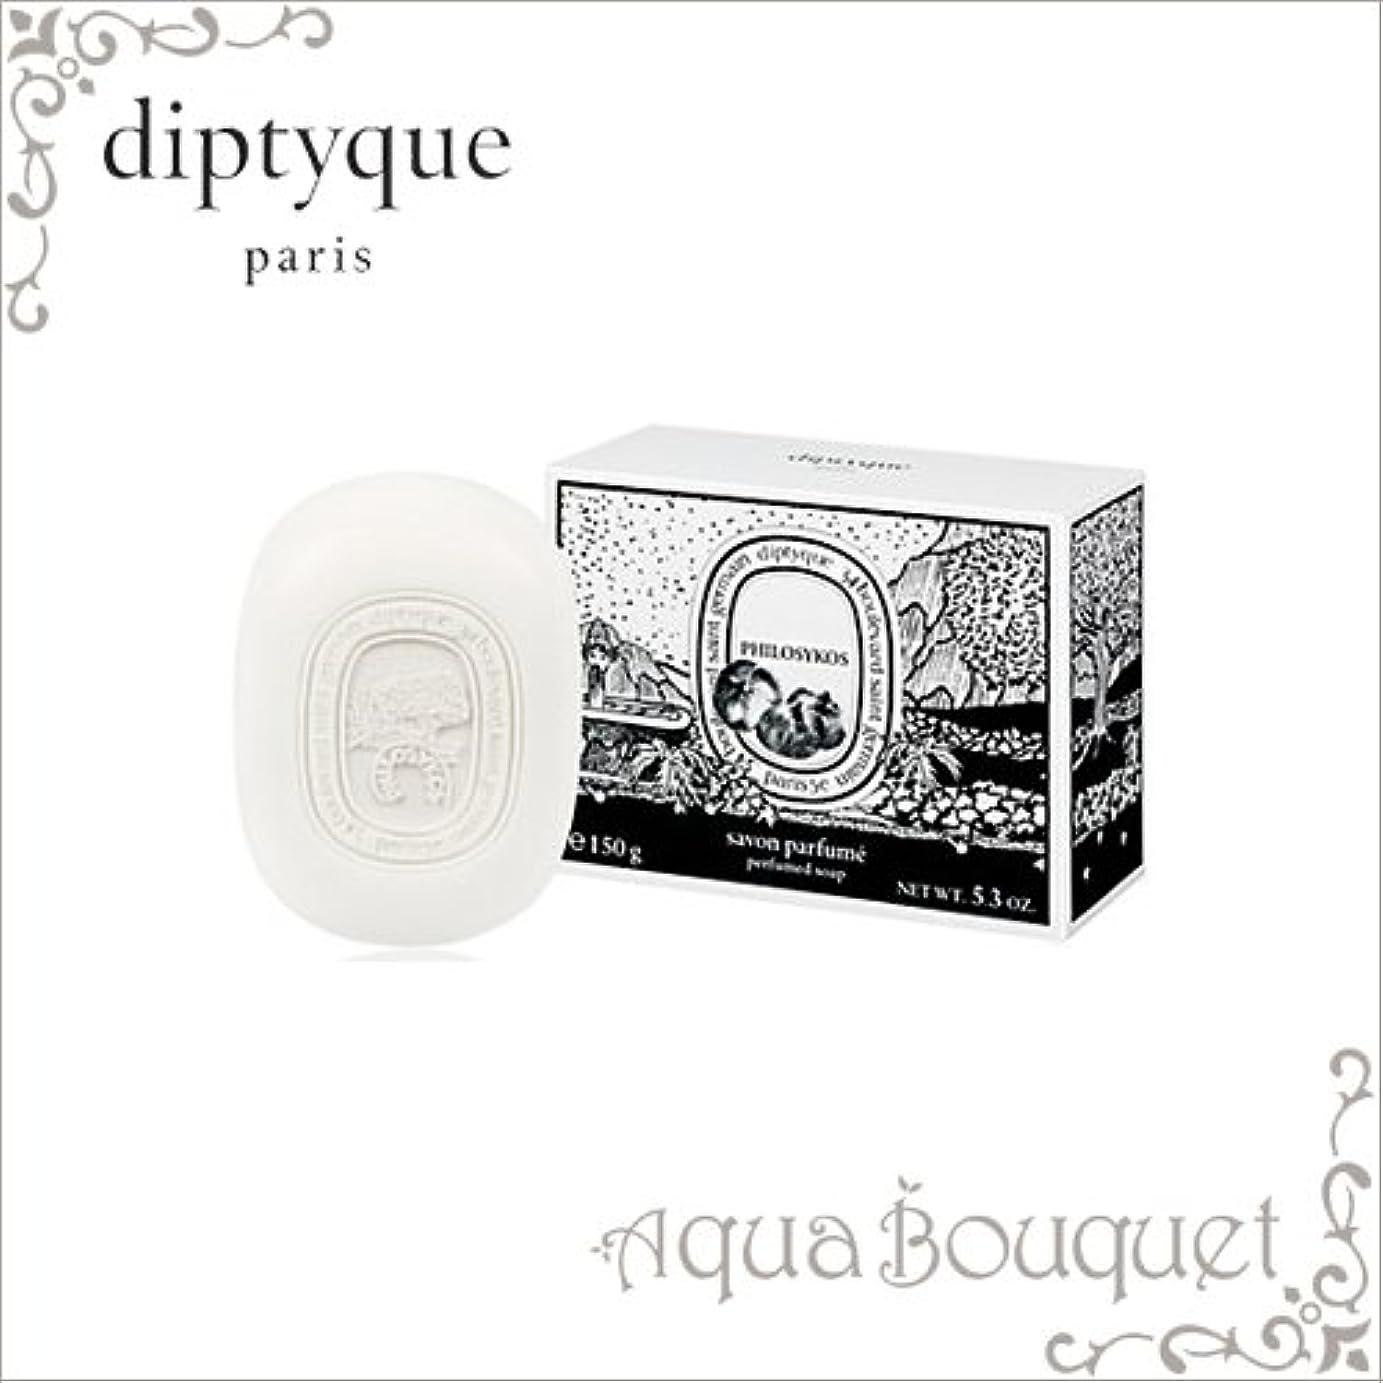 真実静脈遺棄されたディプティック フィロシコス ソープ 150g DIPTYQUE PHILOSYKOS SOAP